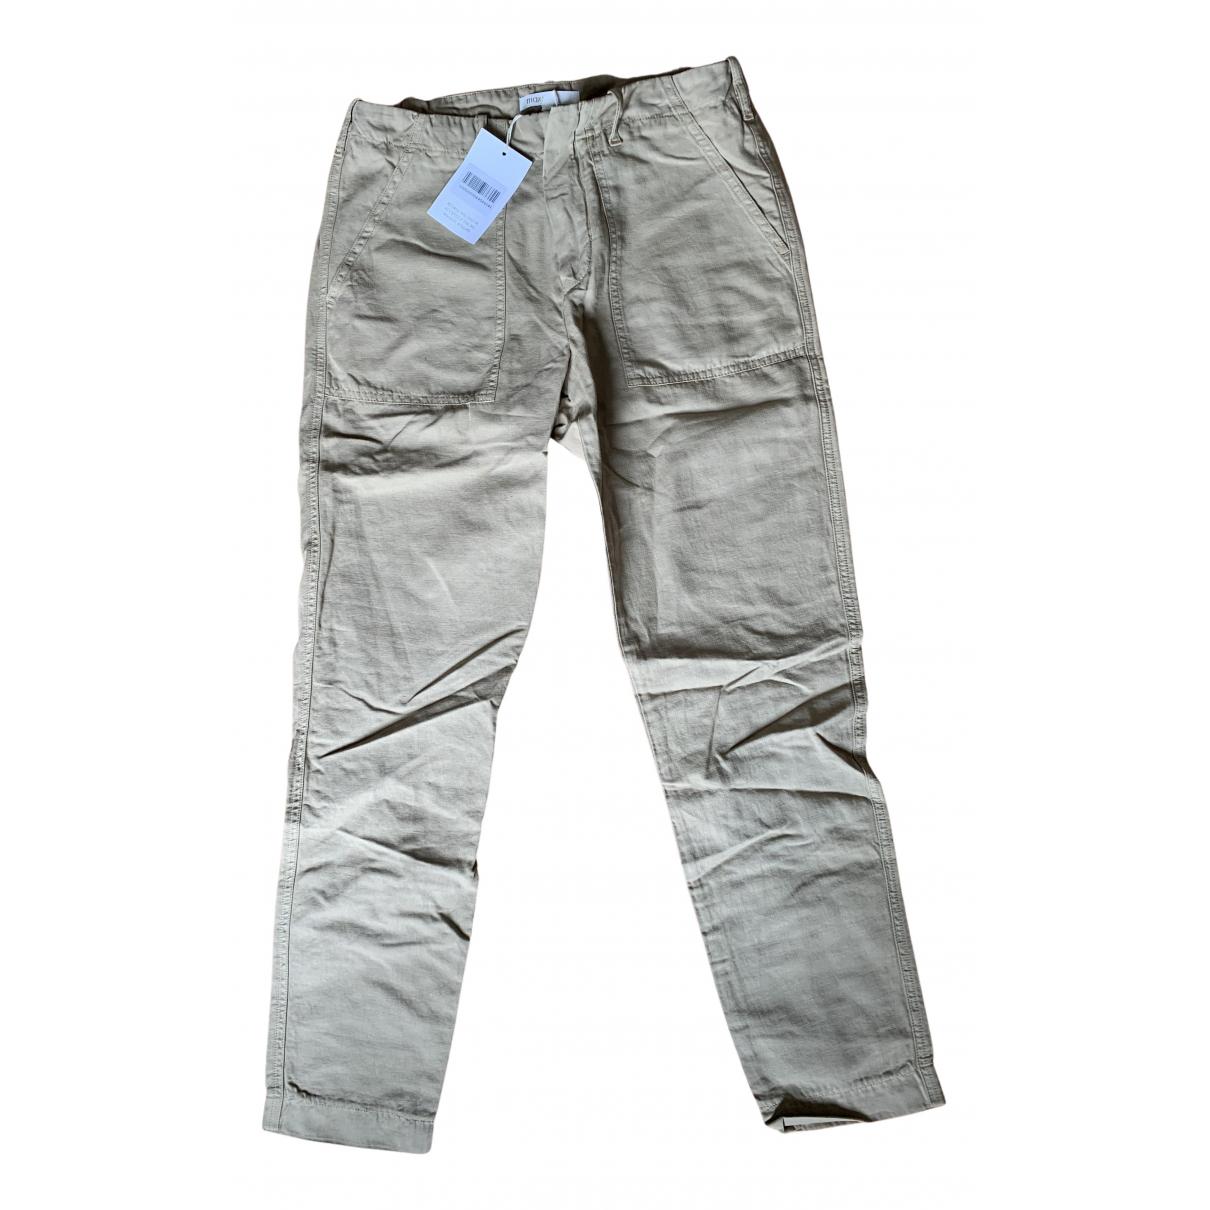 Maje Fall Winter 2019 Beige Cotton Trousers for Women 38 FR